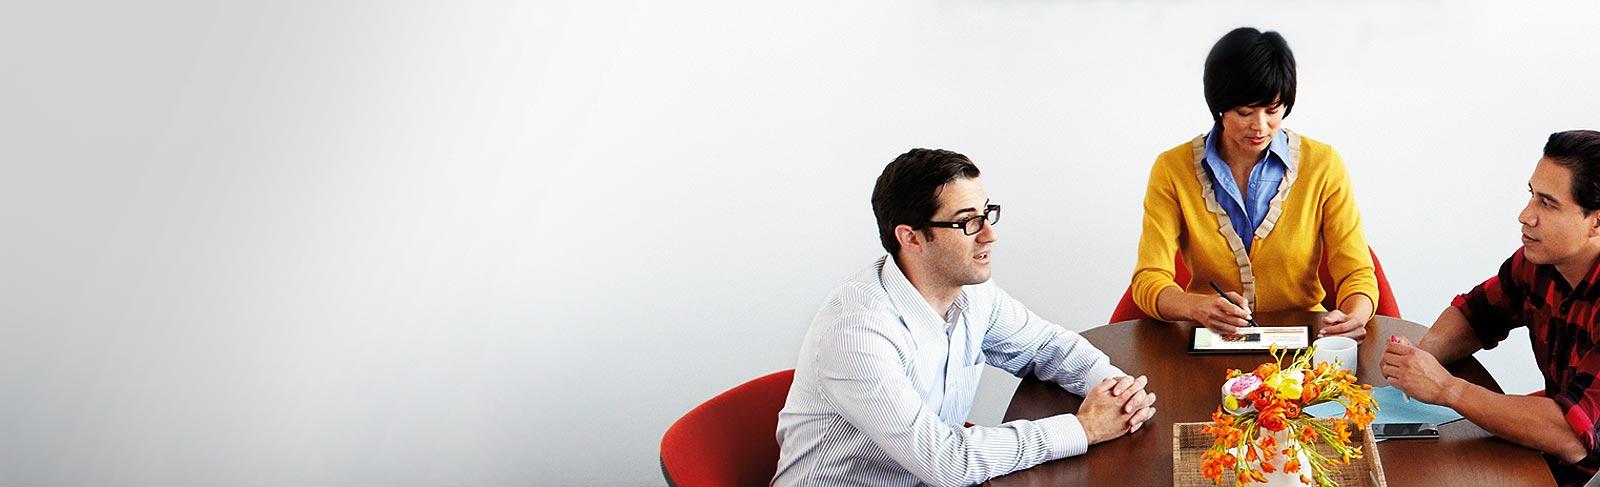 คน 3 คนนั่งประชุมกันอยู่ที่โต๊ะกำลังใช้ Office 365 Nonprofit บนแท็บเล็ตและโทรศัพท์